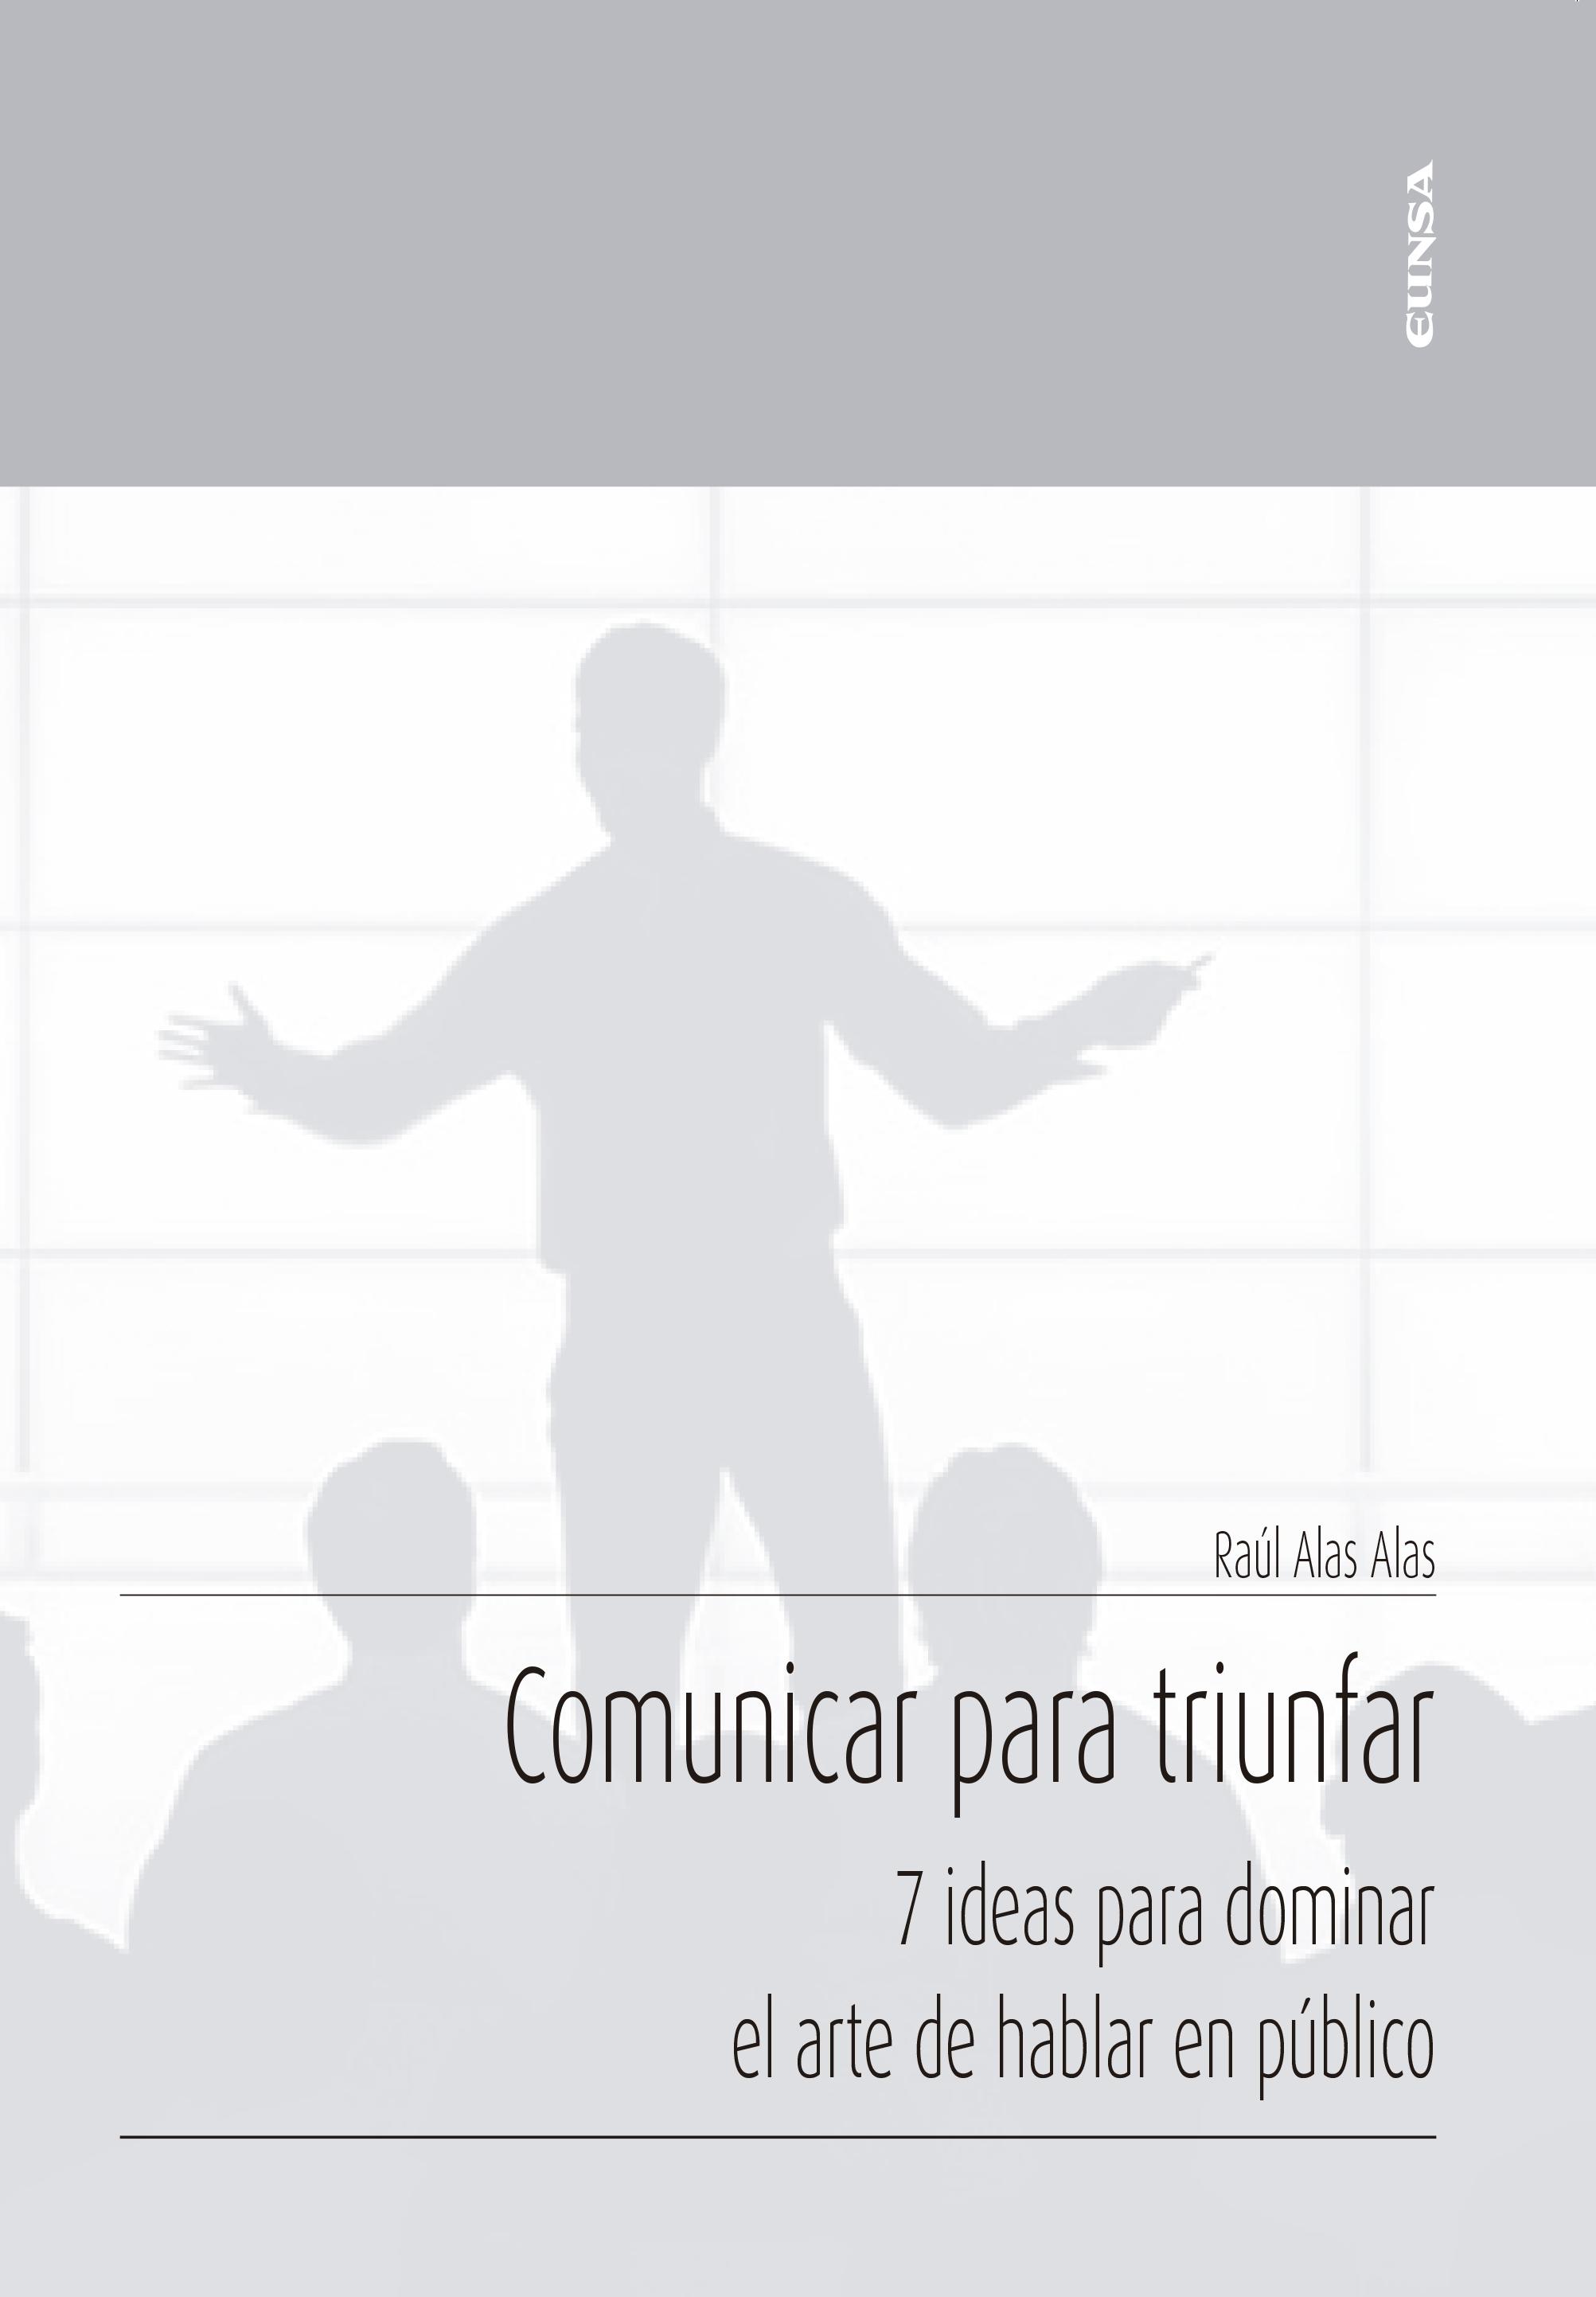 Comunicar para triunfar   «7 ideas para dominar el arte de hablar en público»